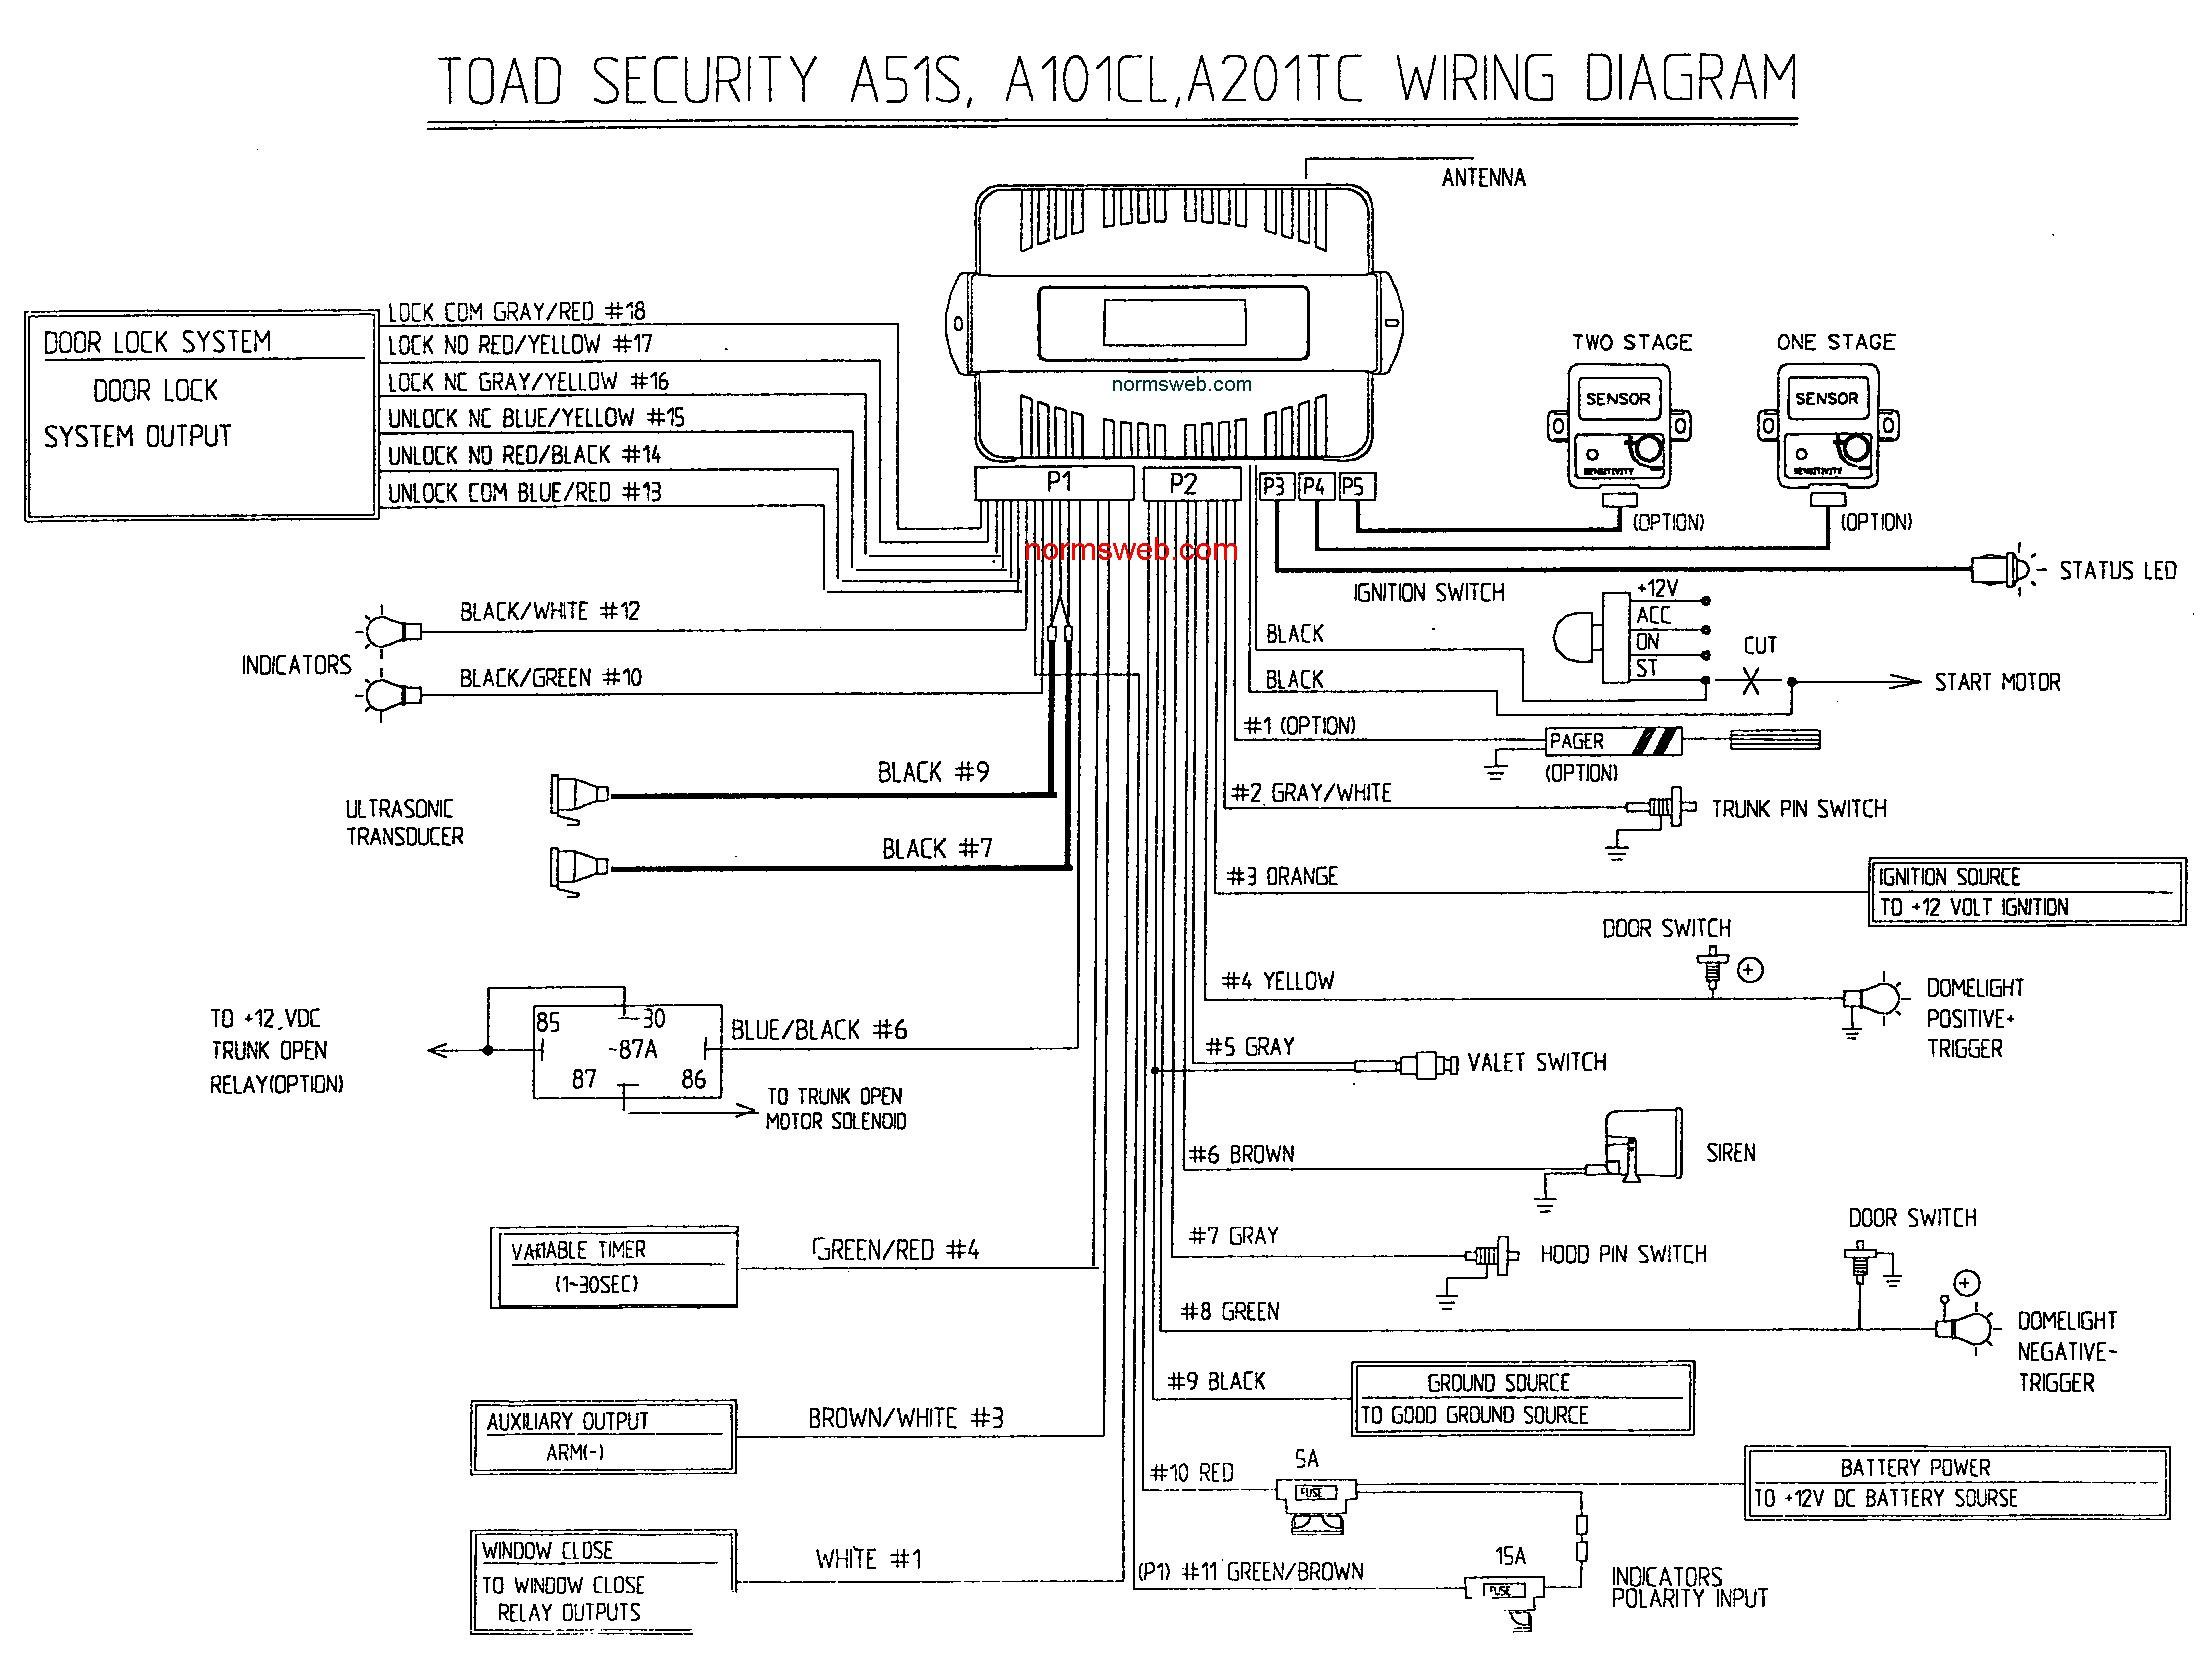 GG_6226] Car Alarm System Wiring Diagram On Viper Car Alarms Wiring  Diagrams Wiring DiagramDhjem Ymoon Rdona Hapolo Mohammedshrine Librar Wiring 101